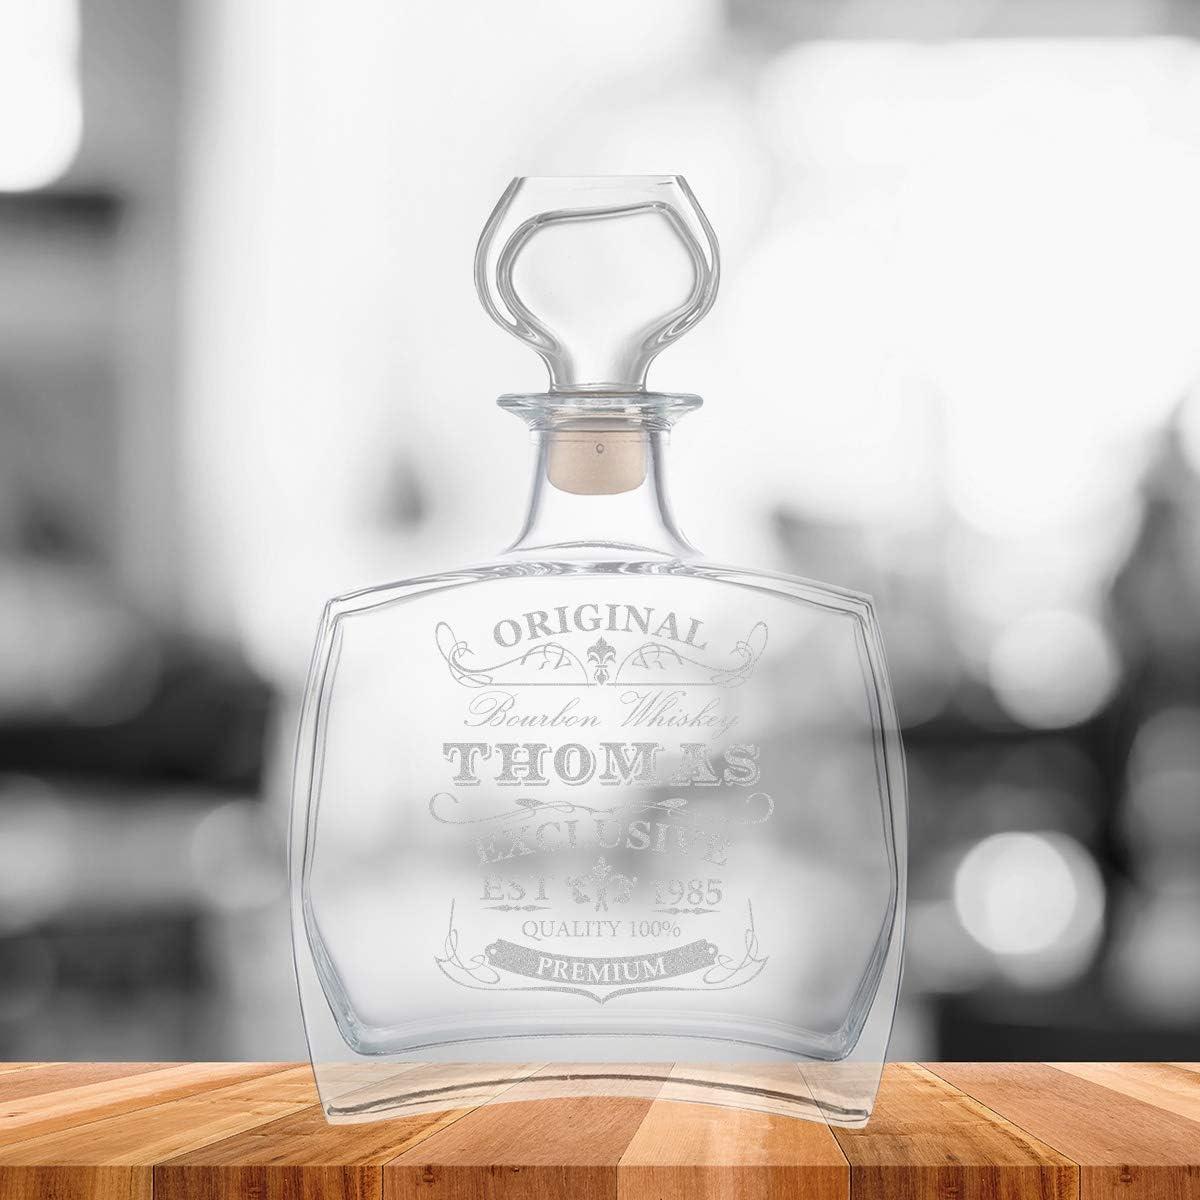 polar-effekt Elegante botella de whisky personalizada con grabado decantador de 700 ml con cierre de cristal jarra de whisky dise/ño original y exclusivo idea de regalo para cumplea/ños